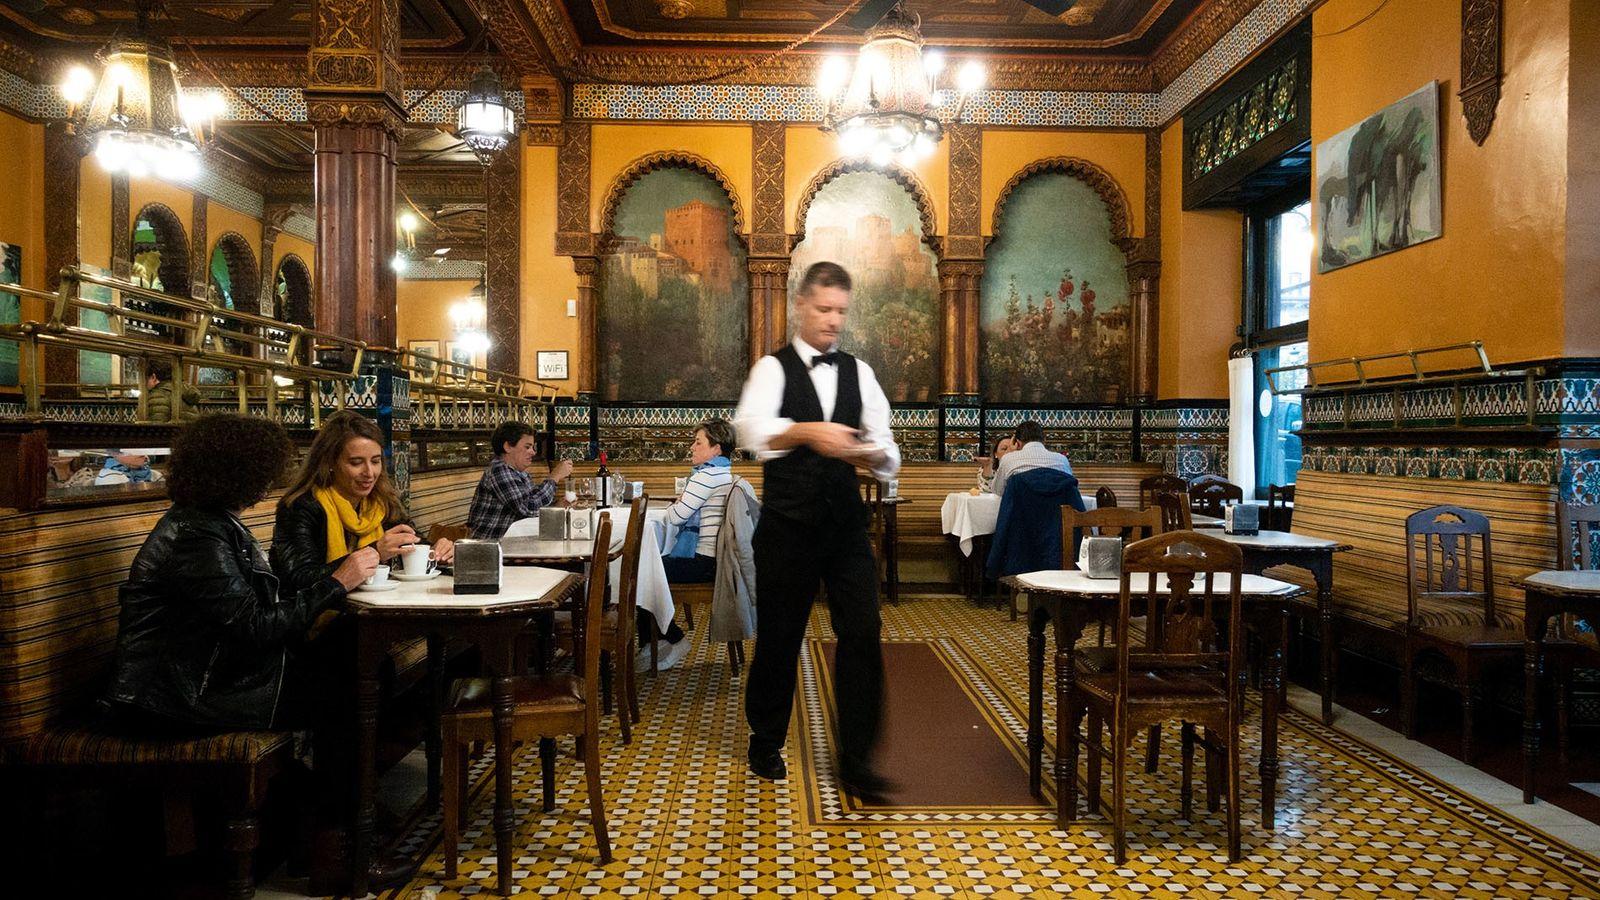 Overlooking the Jardines de Albia since it opened its doors in 1903, Café Iruñastill feels like ...